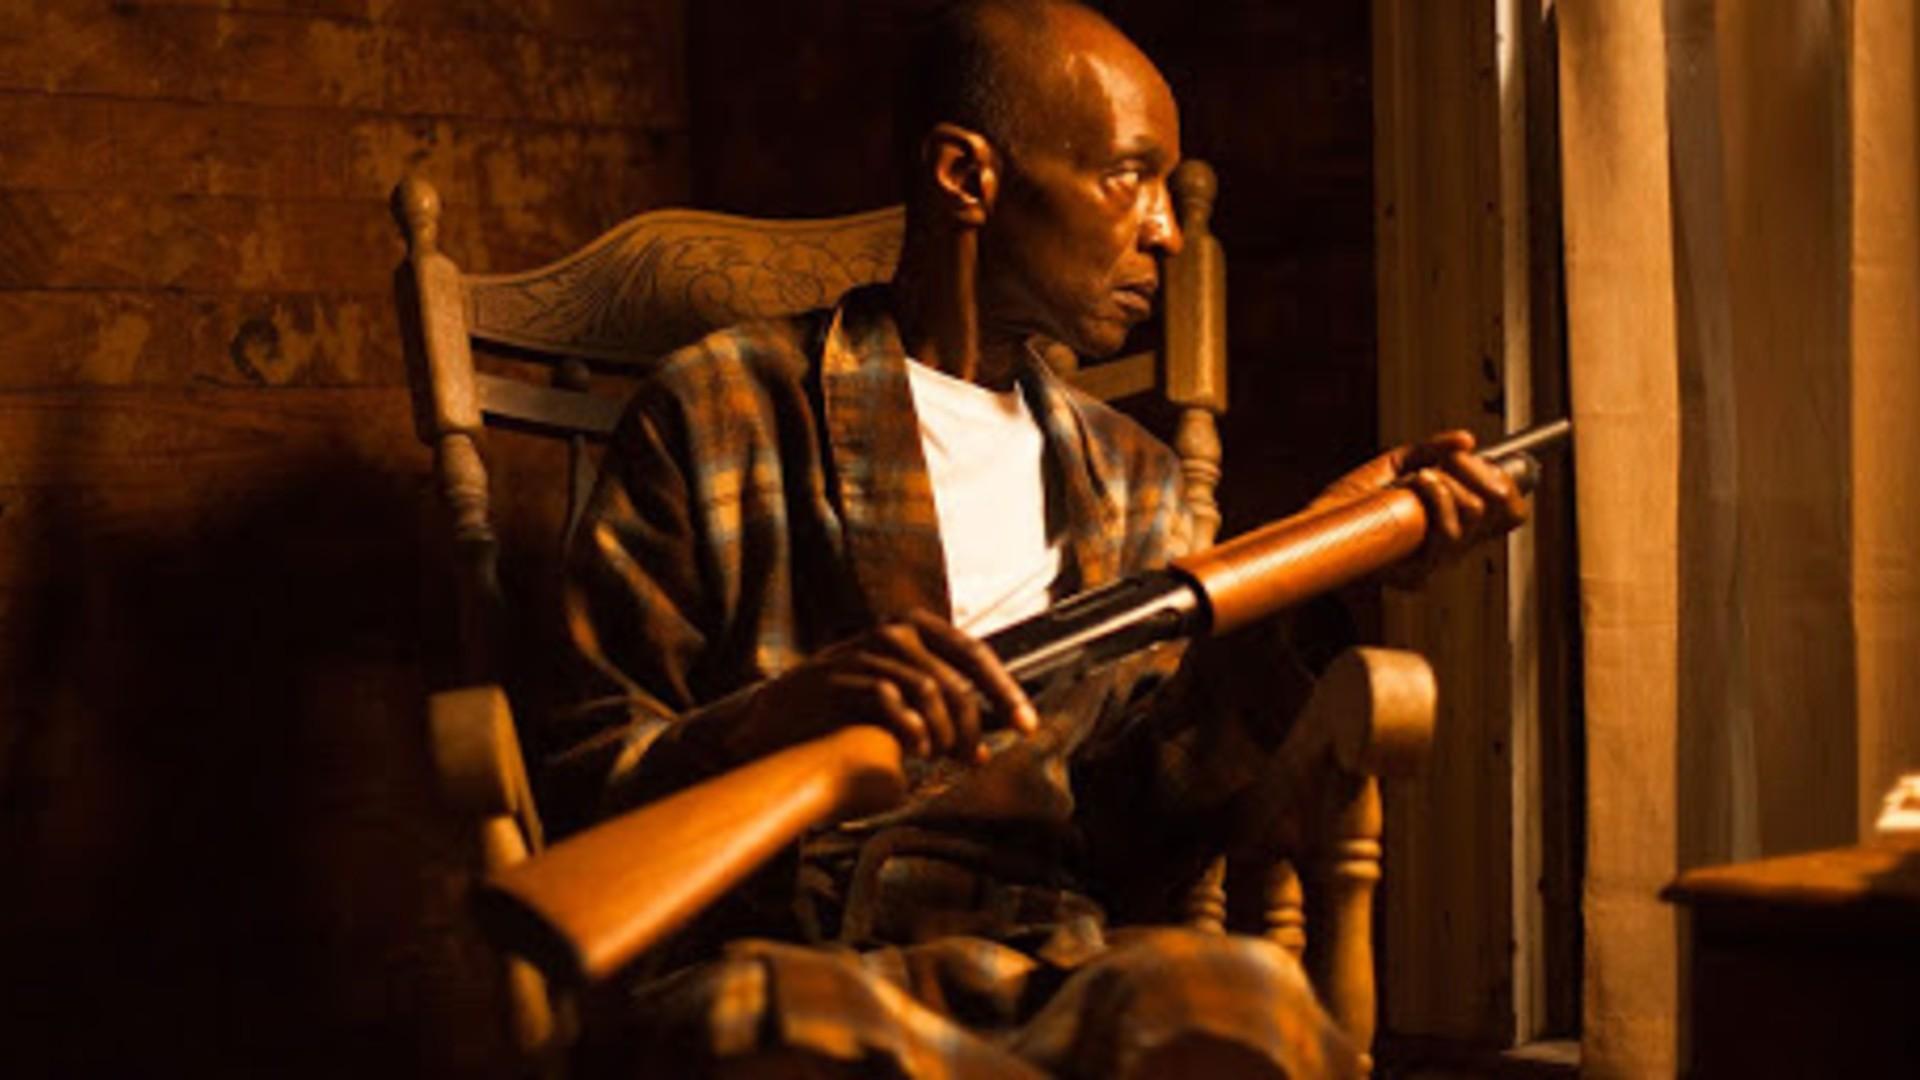 afroamerykanin siedzi ze strzelbą i wypatruje czegoś